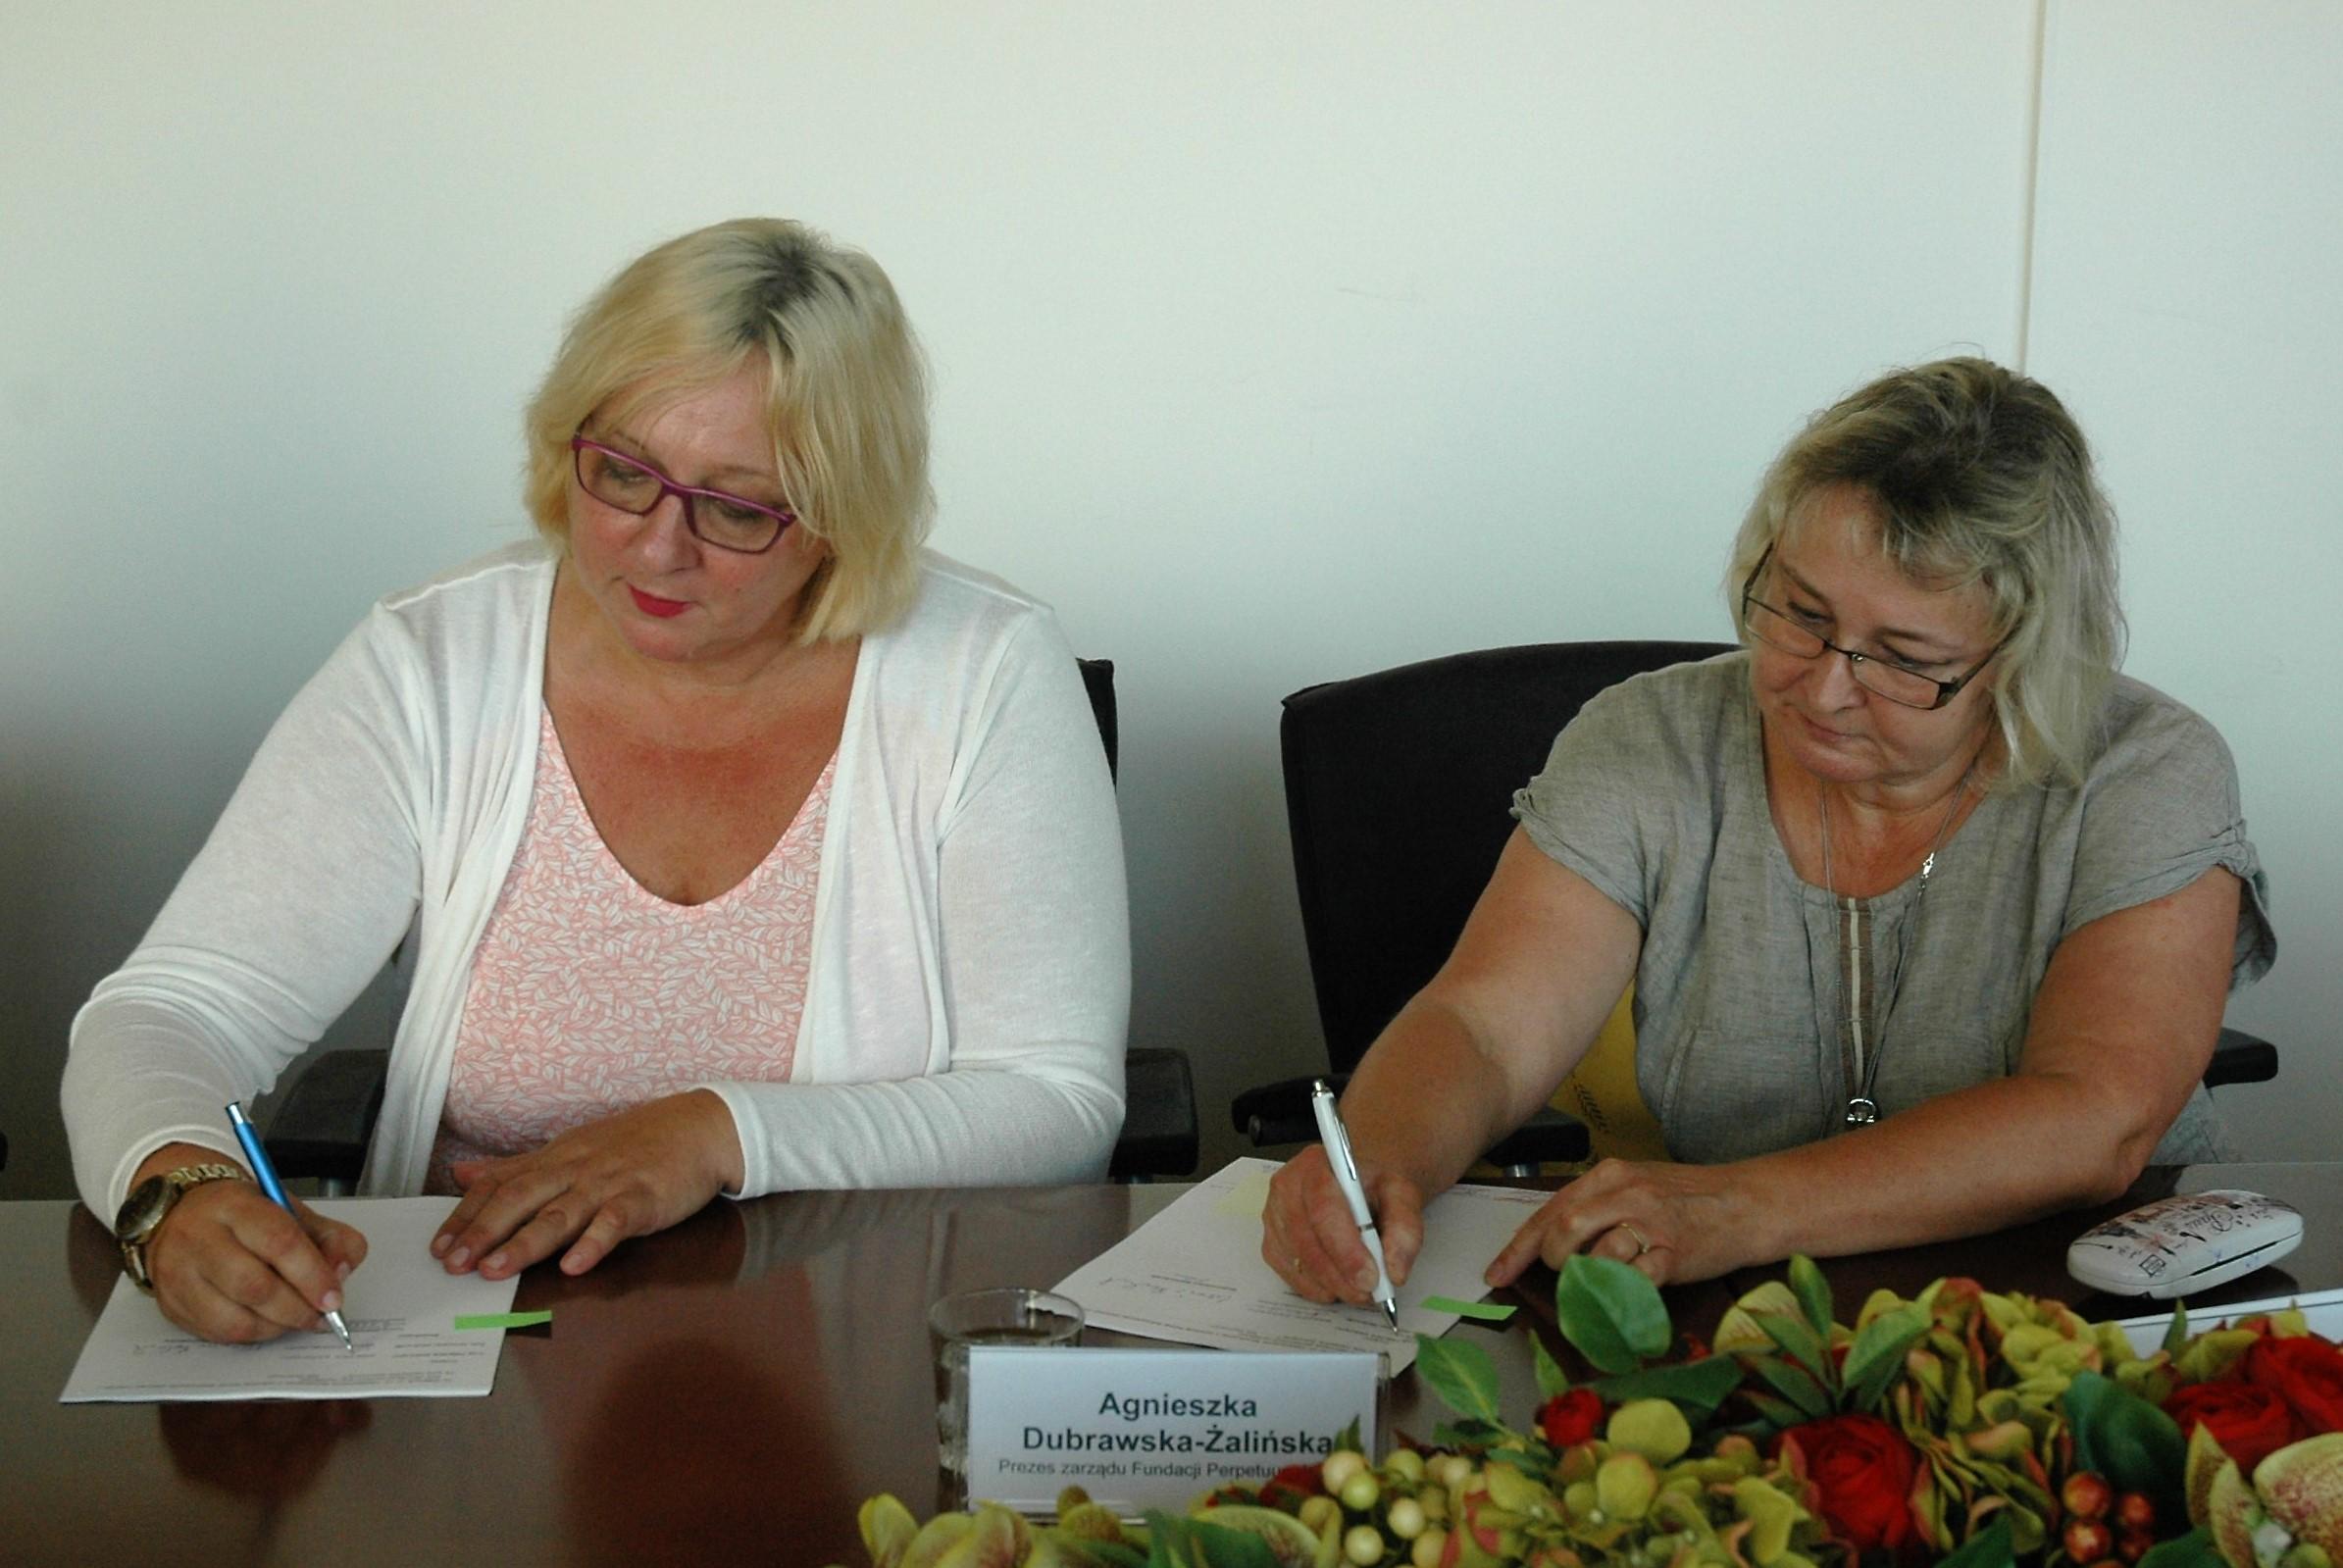 9,5 mln zł na ochronę zdrowia i bezpieczeństwo mieszkańców Warszawy i okolic